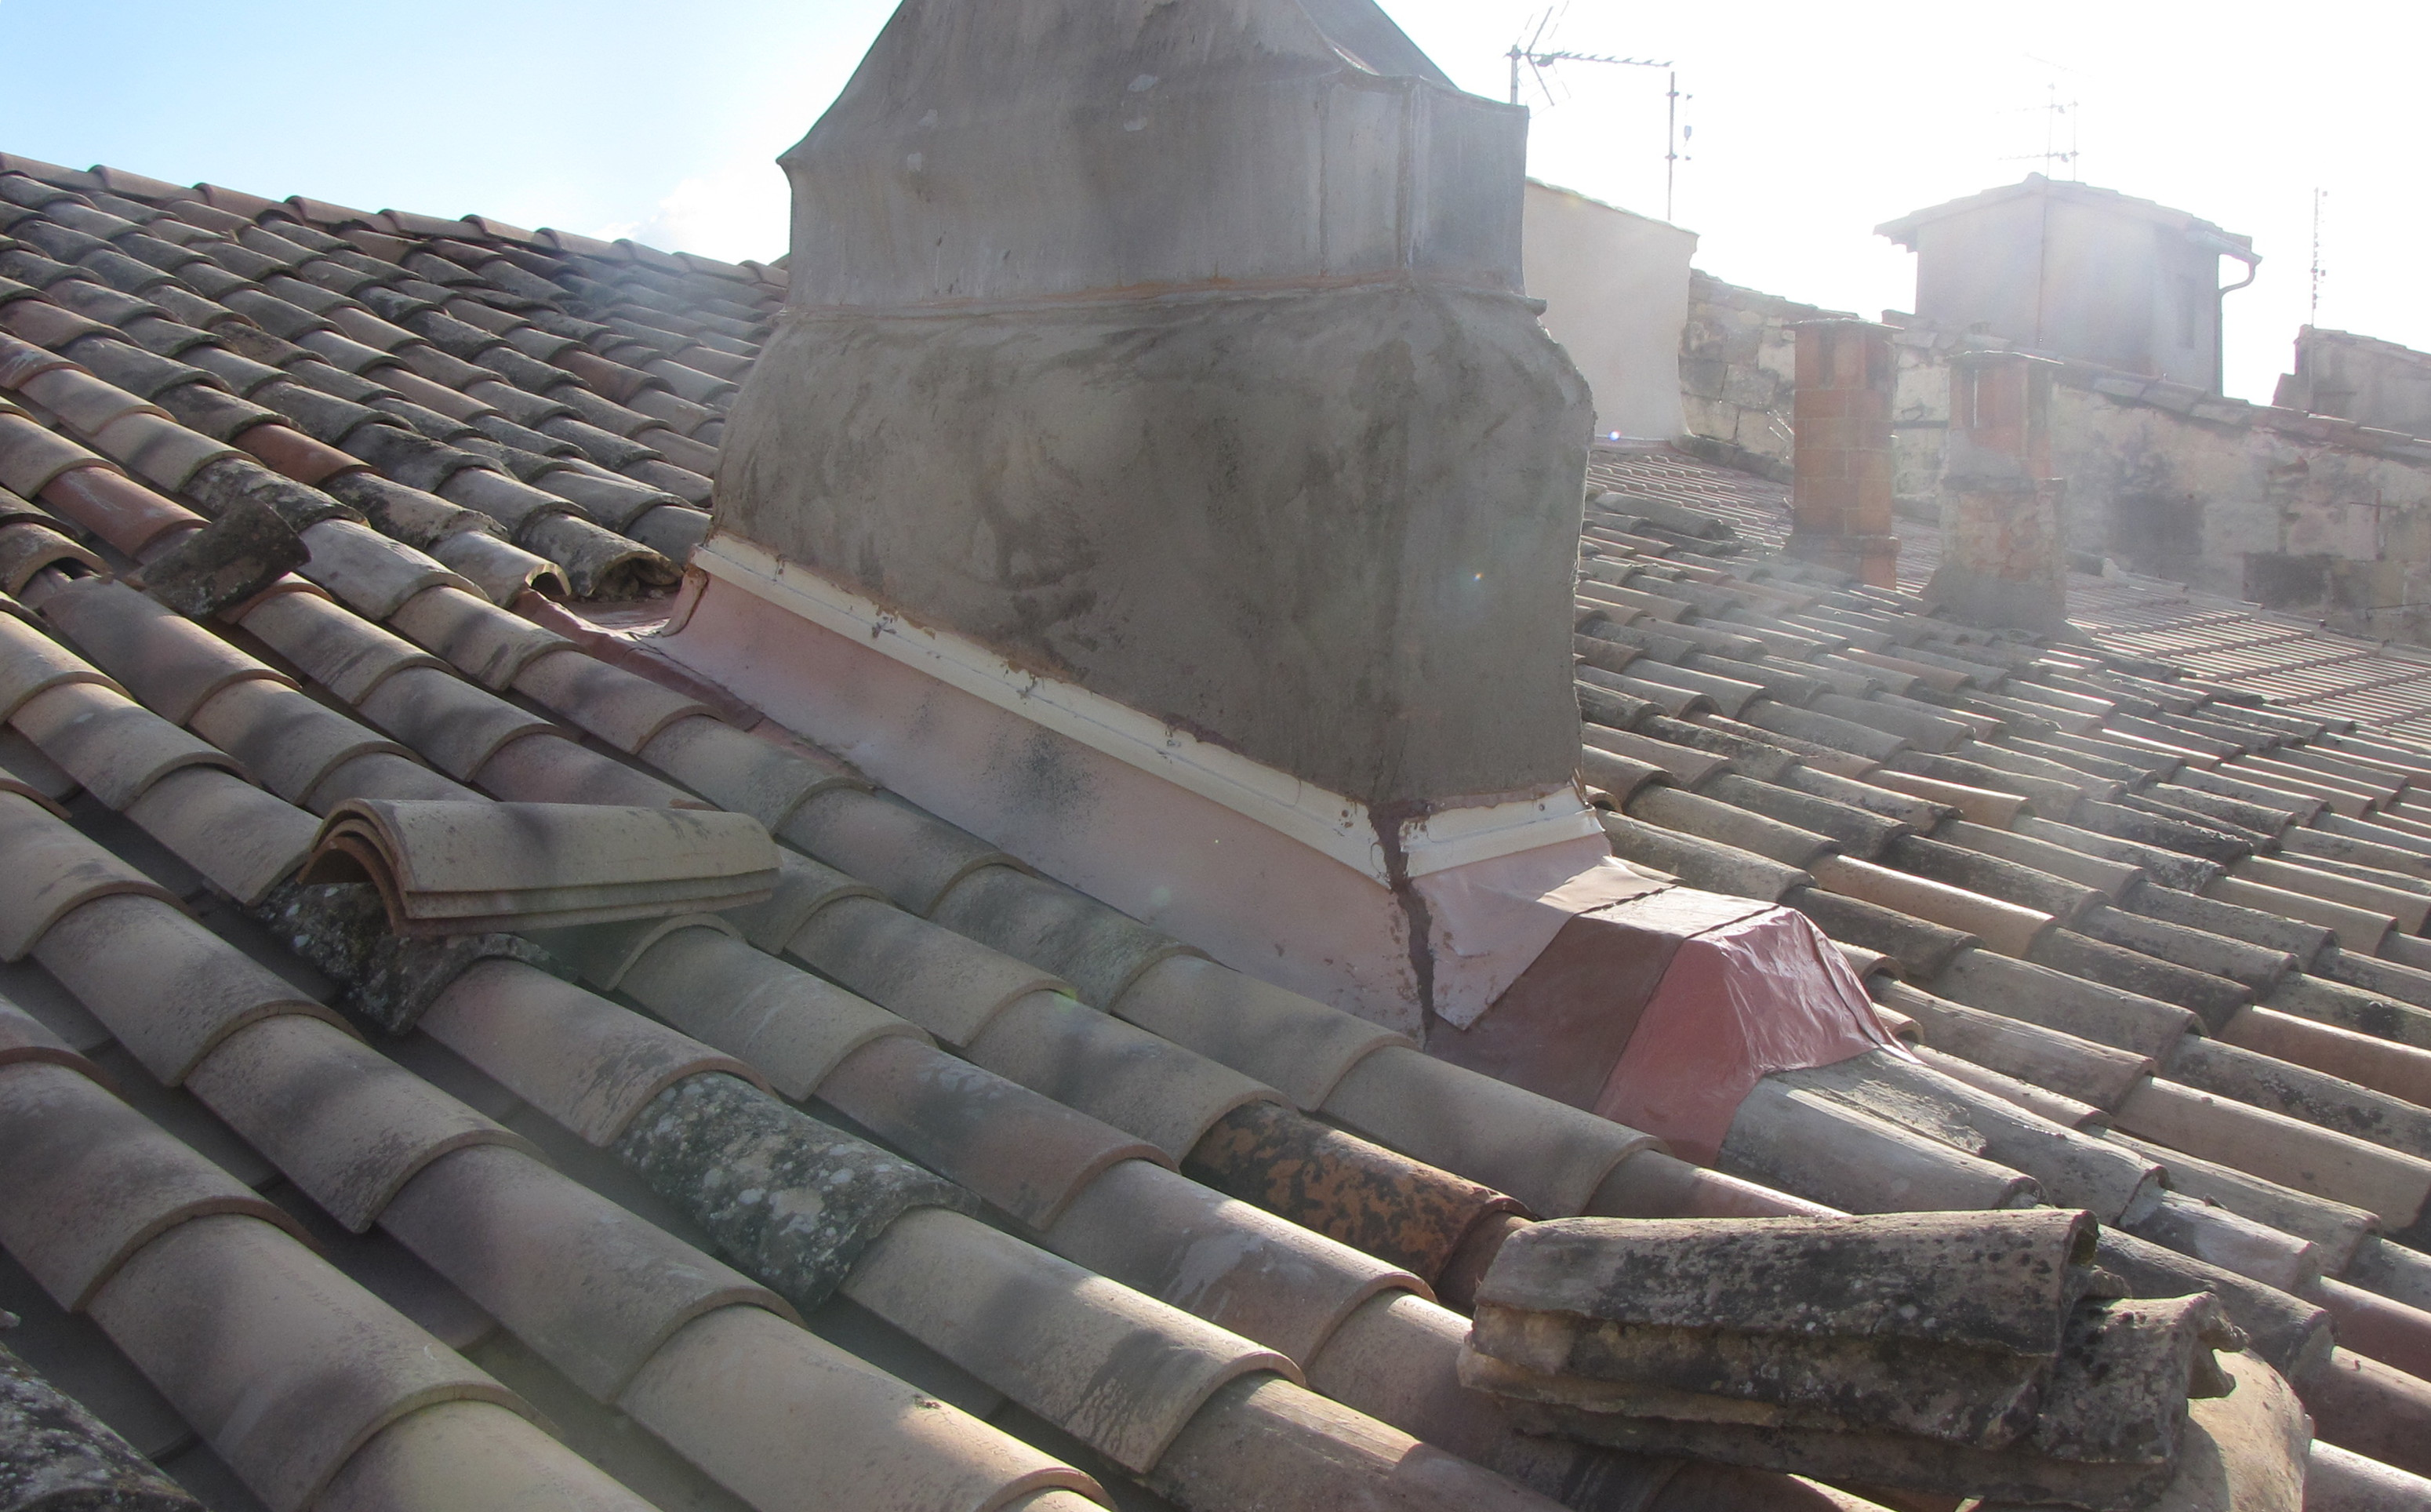 Desportes rénovation Gard, restauration d'une maison, de la souche de cheminée et du solin et reprise de la couverture en tuiles canal.